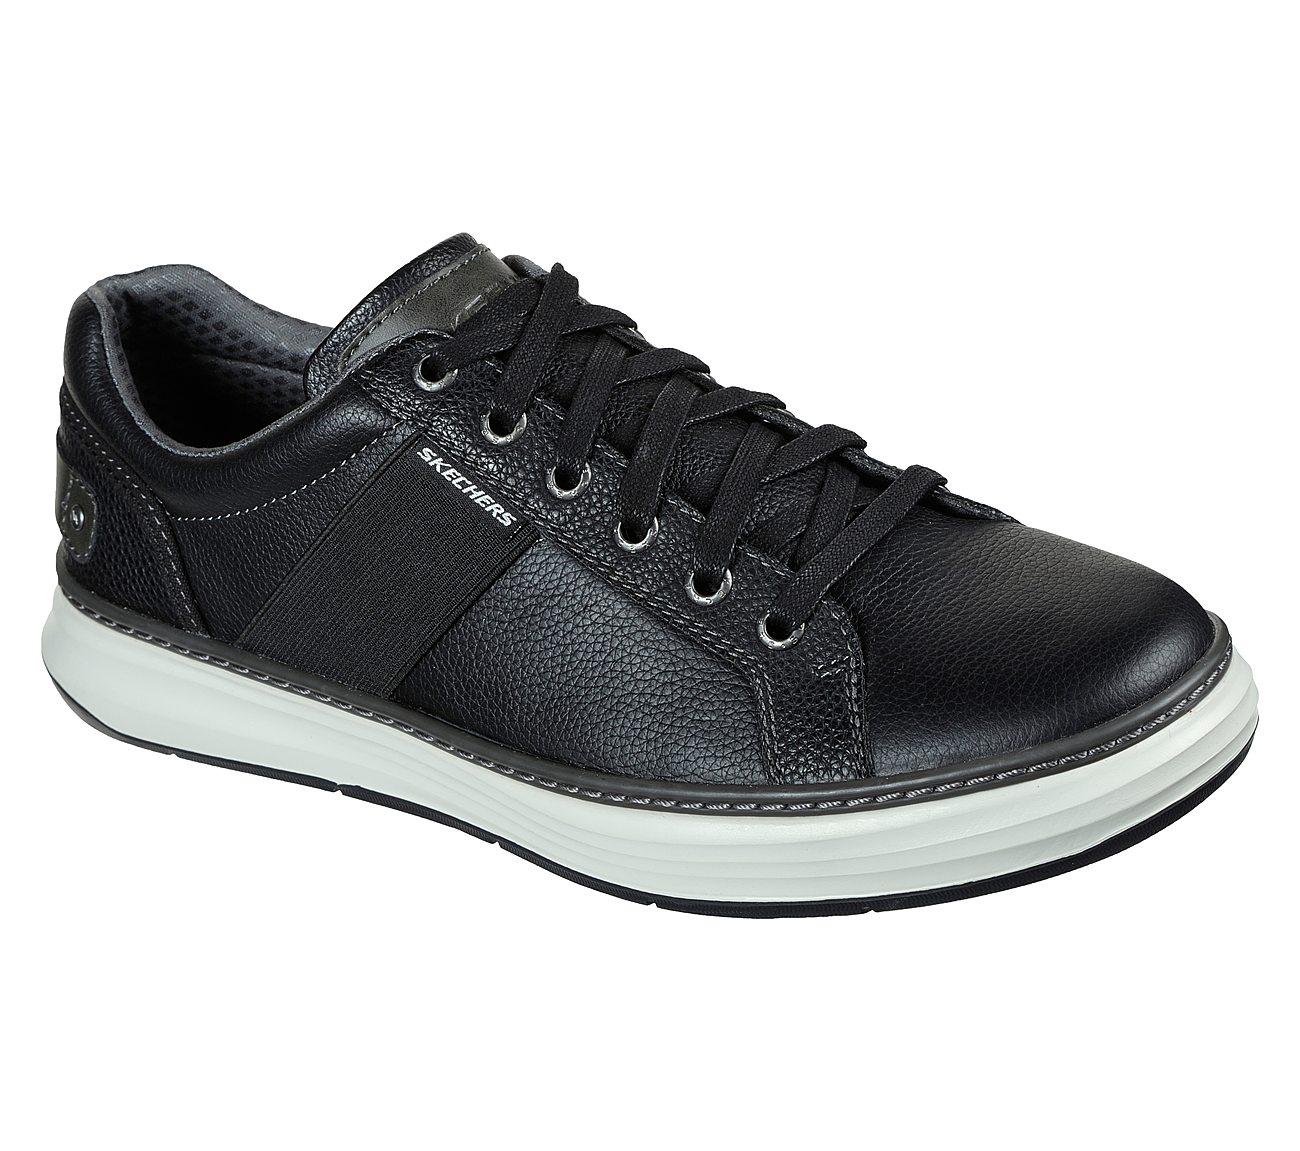 SKECHERS Moreno - Winsor Comfort Shoes